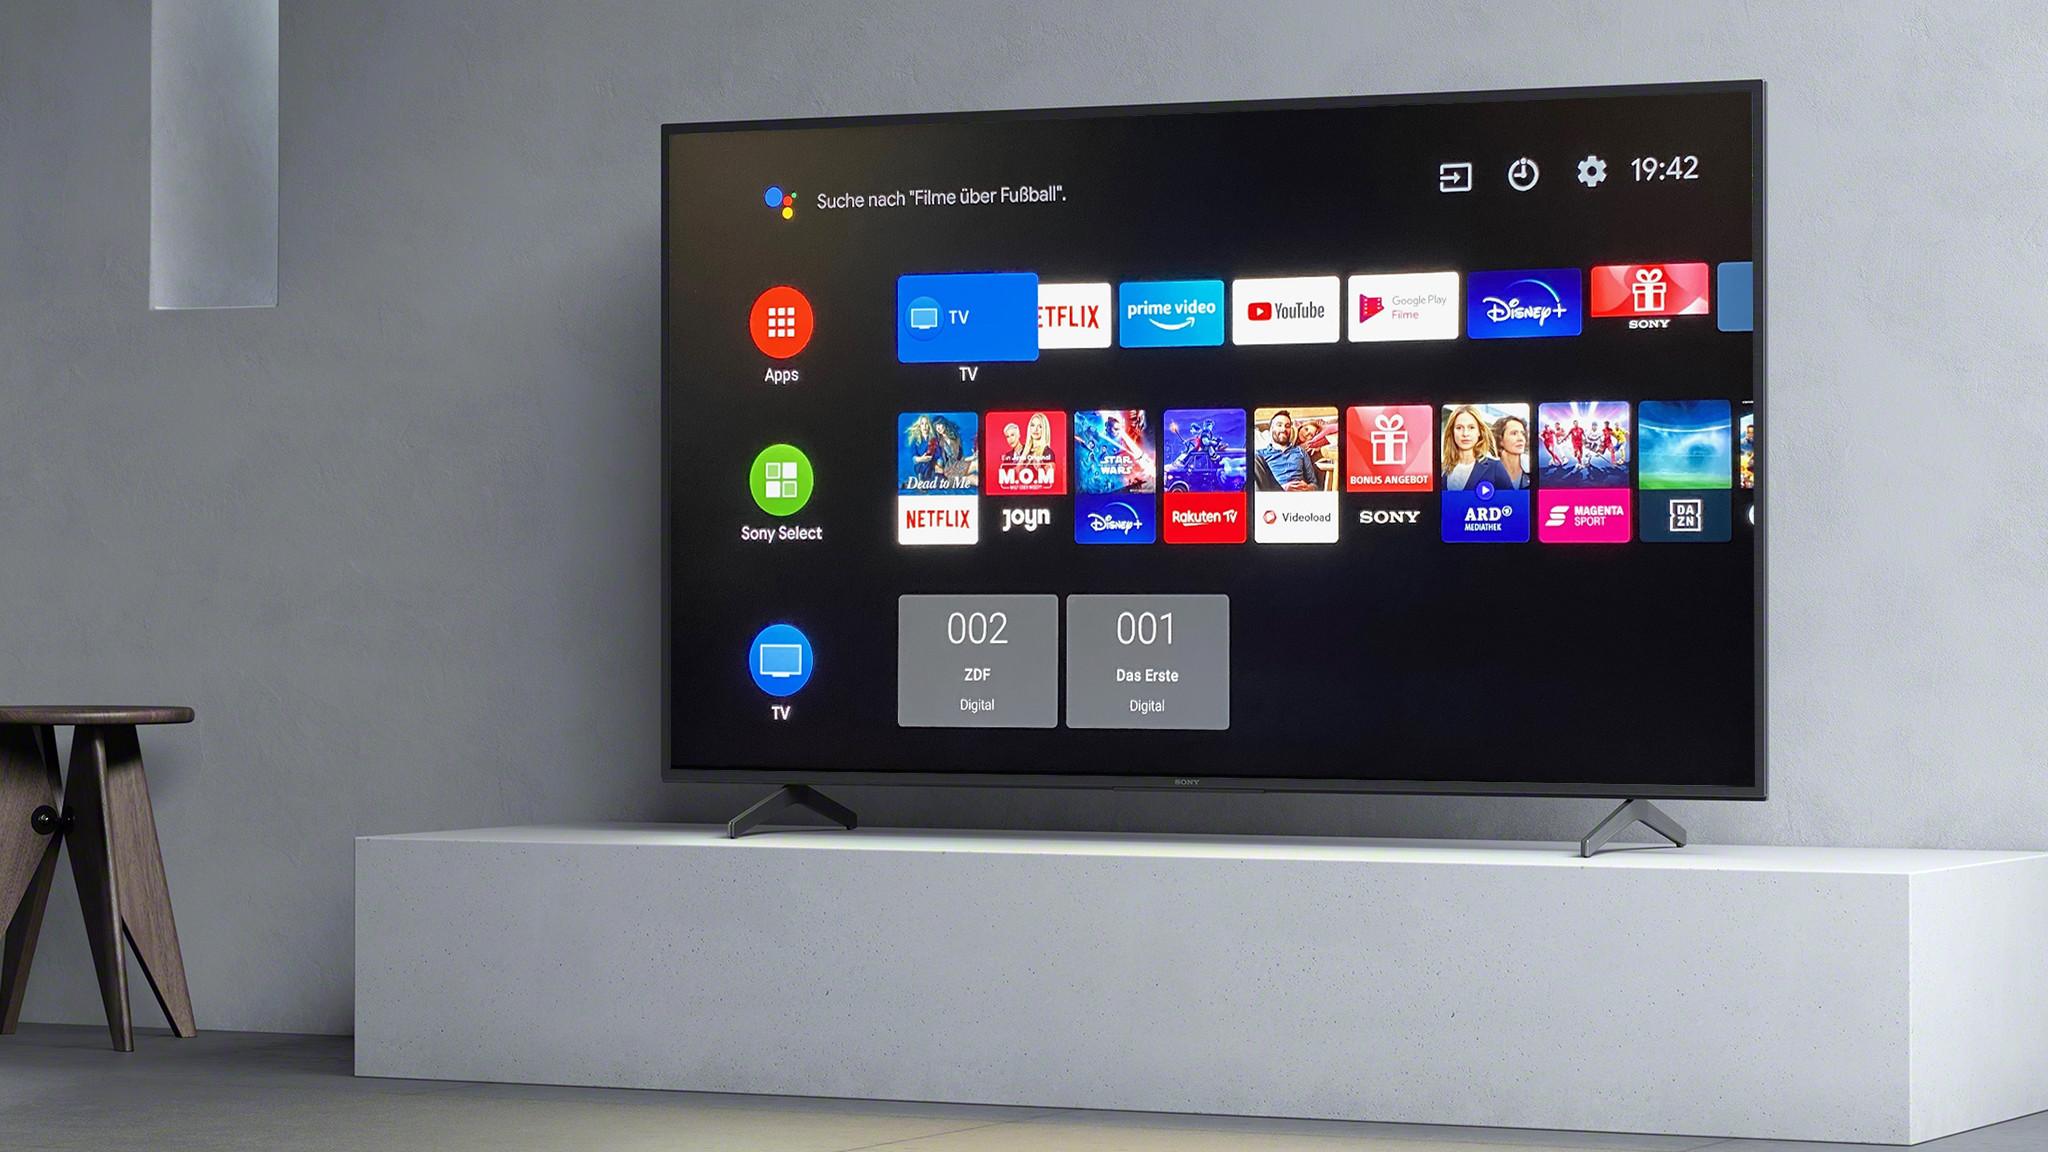 Android-Fernseher im Test: Sony XH8096 - AUDIO VIDEO FOTO BILD